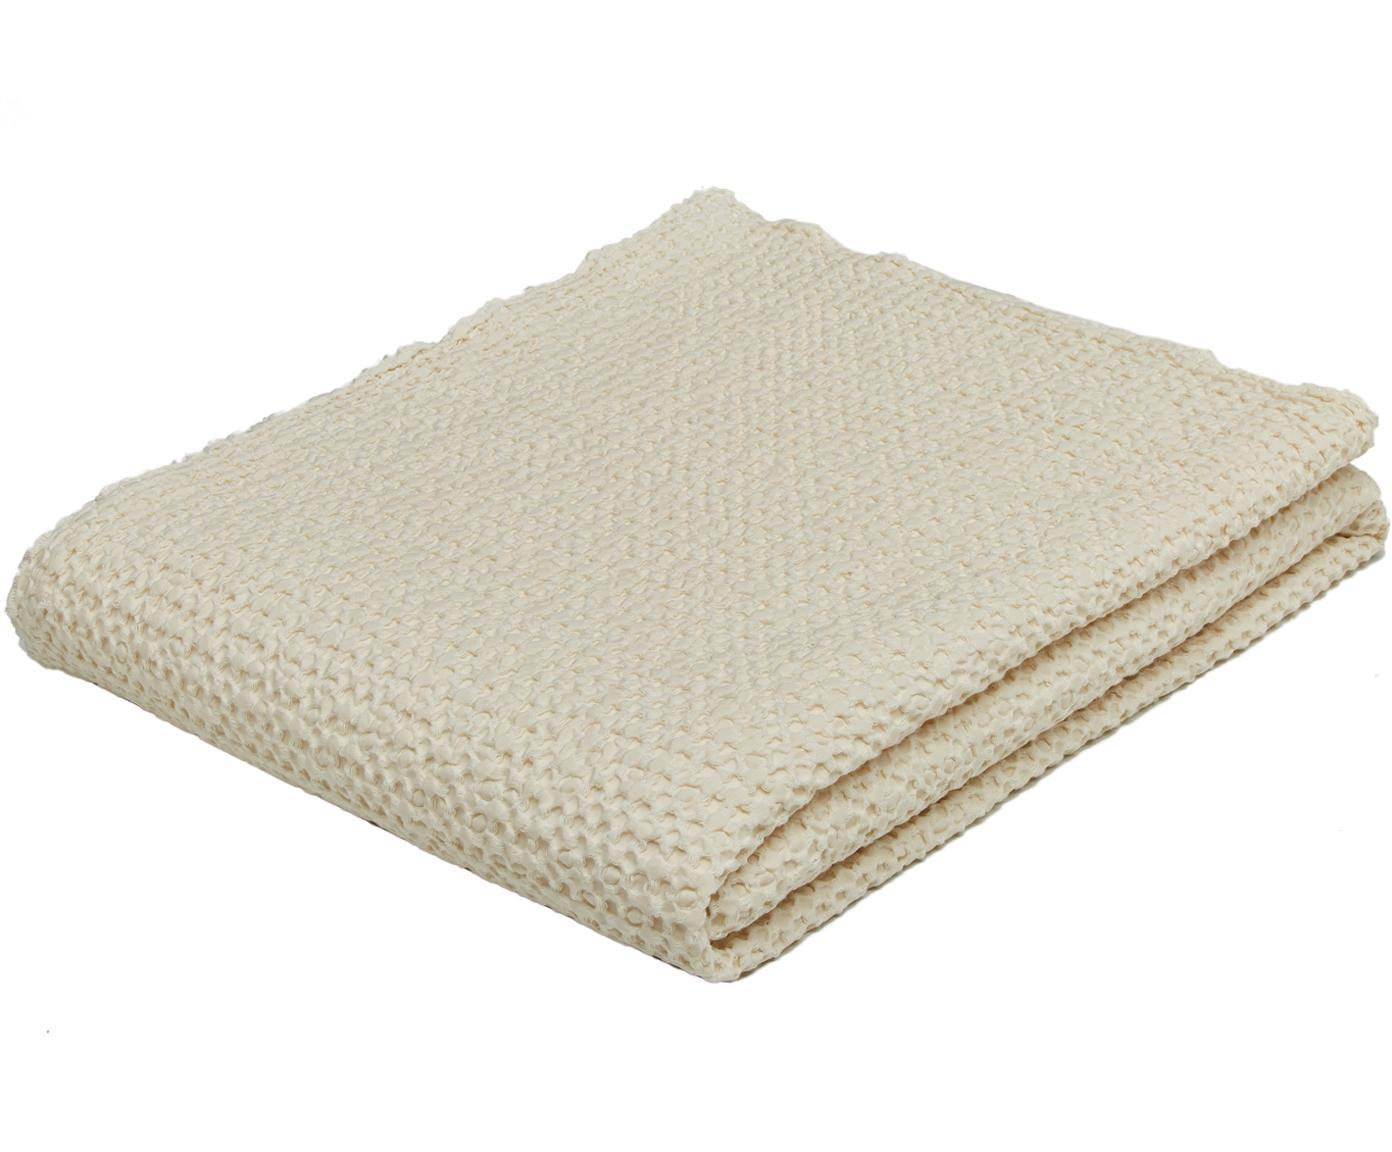 Tagesdecke Vigo mit strukturierter Oberfläche, 100% Baumwolle, Creme, 220 x 240 cm